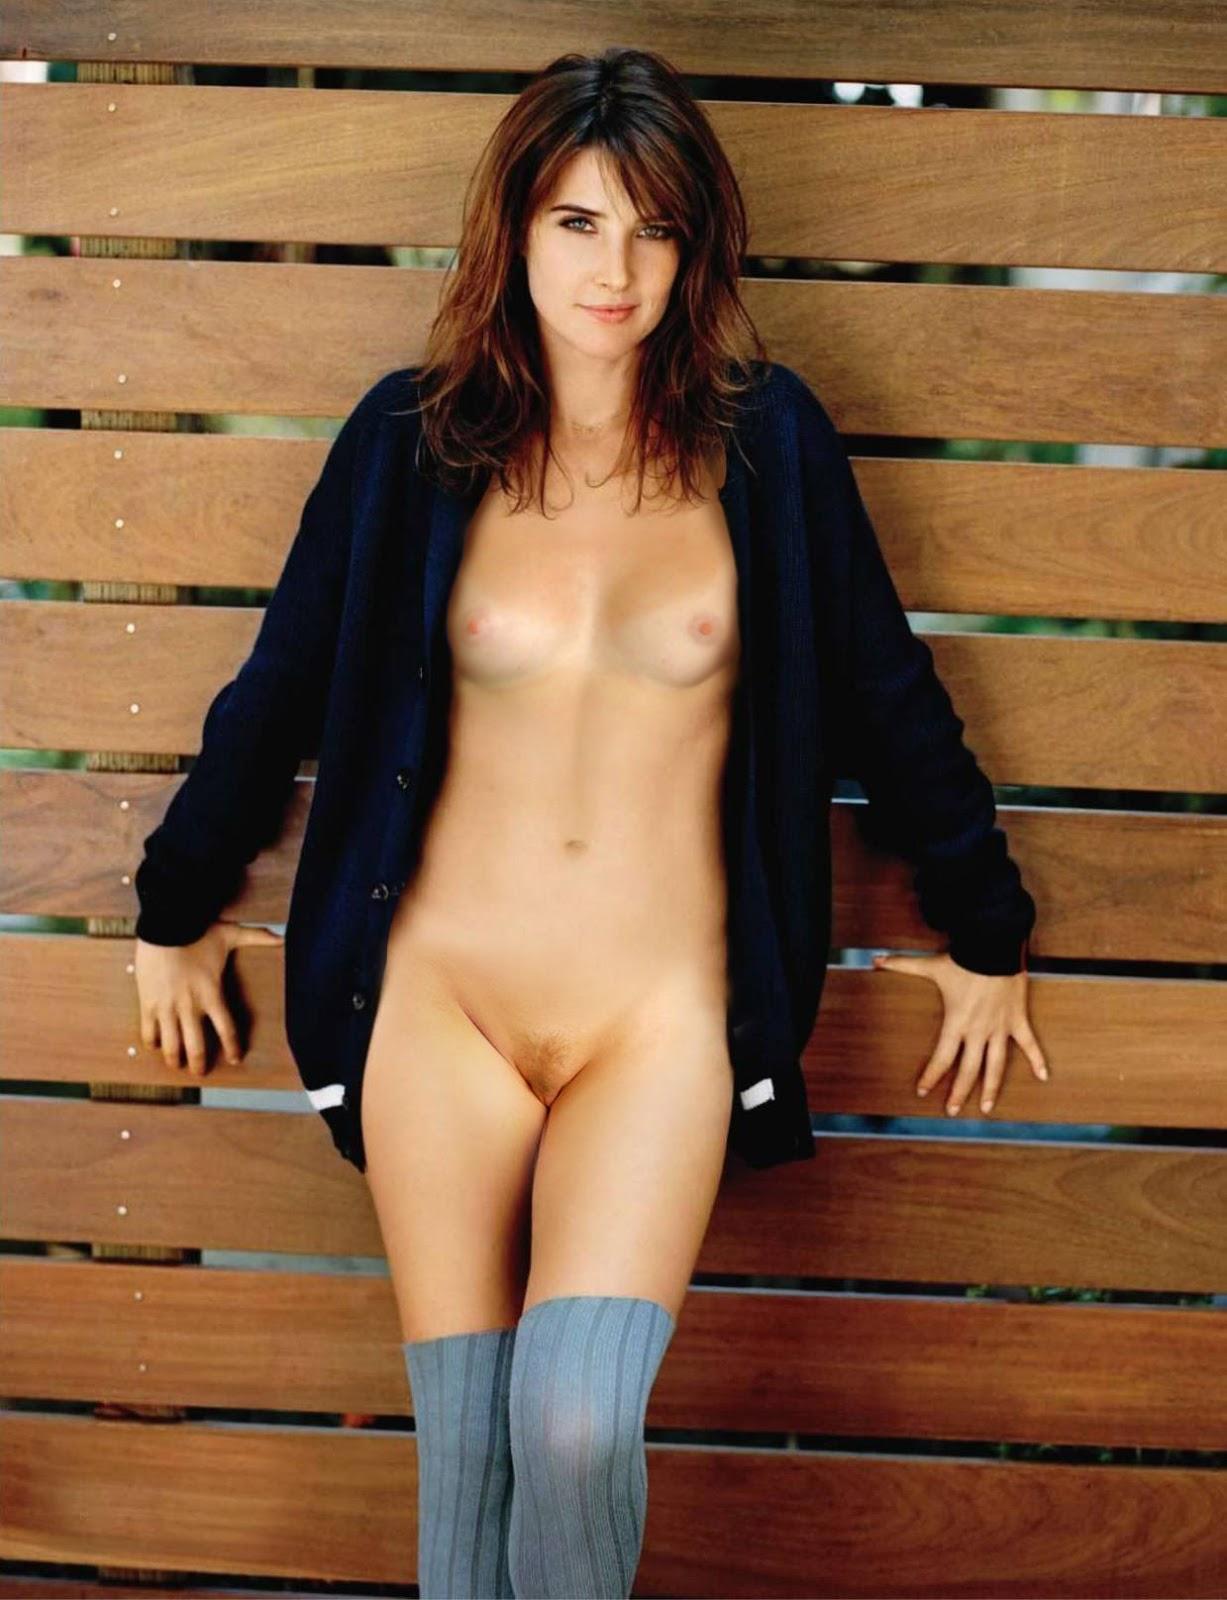 Cobie smulders sexy photos